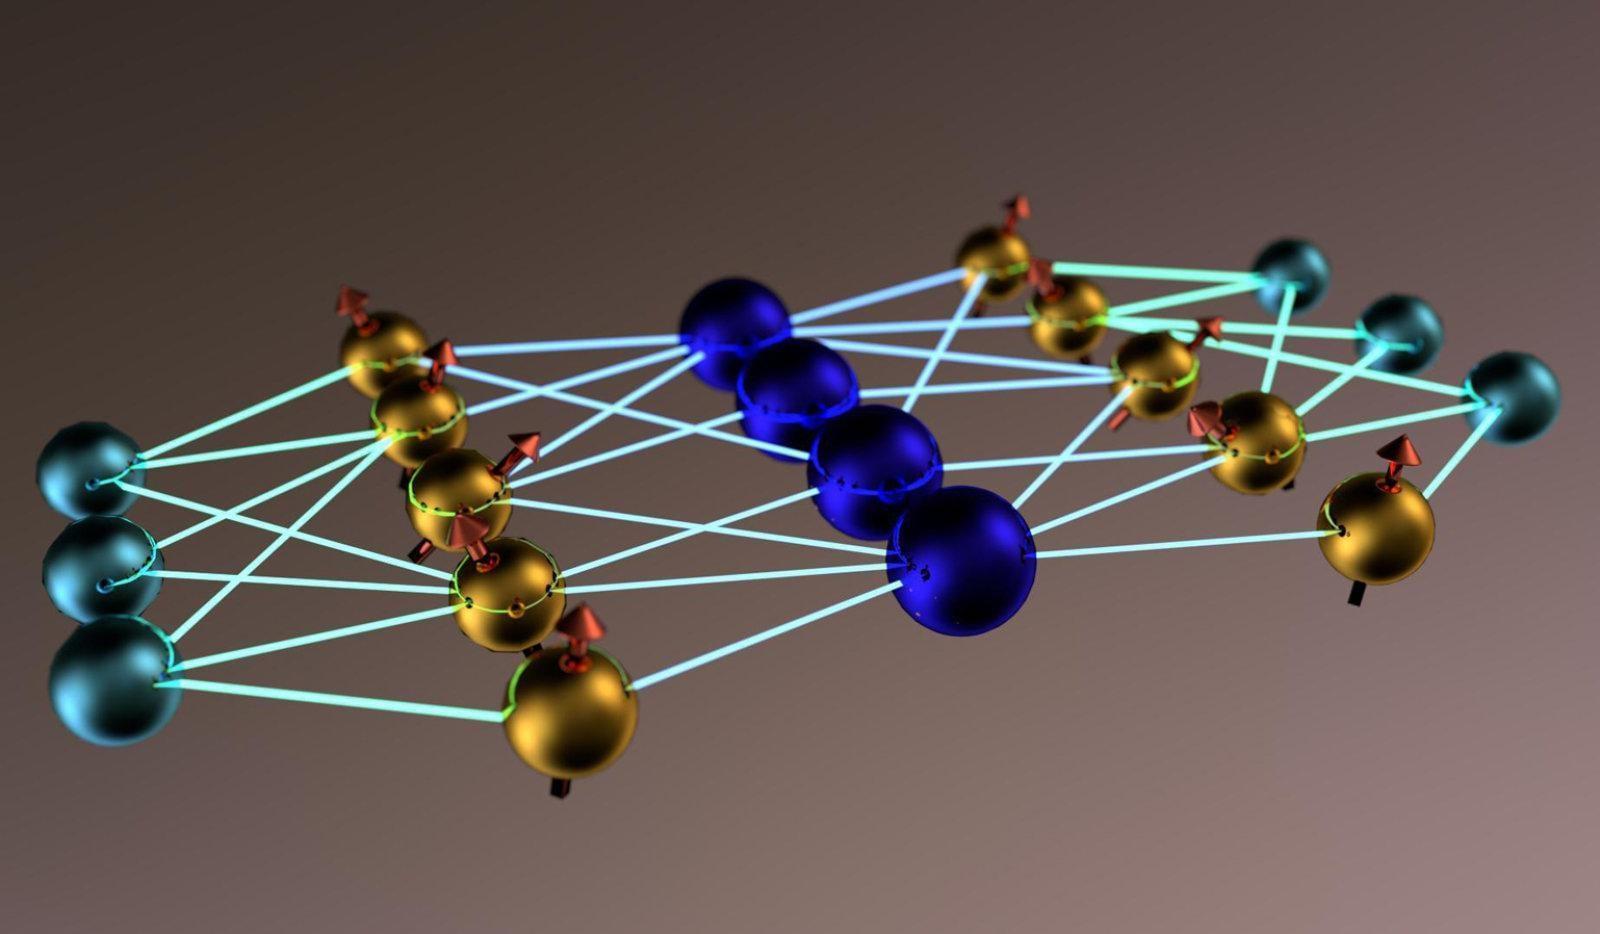 ИИ будет моделировать квантовые системы (dims 3)